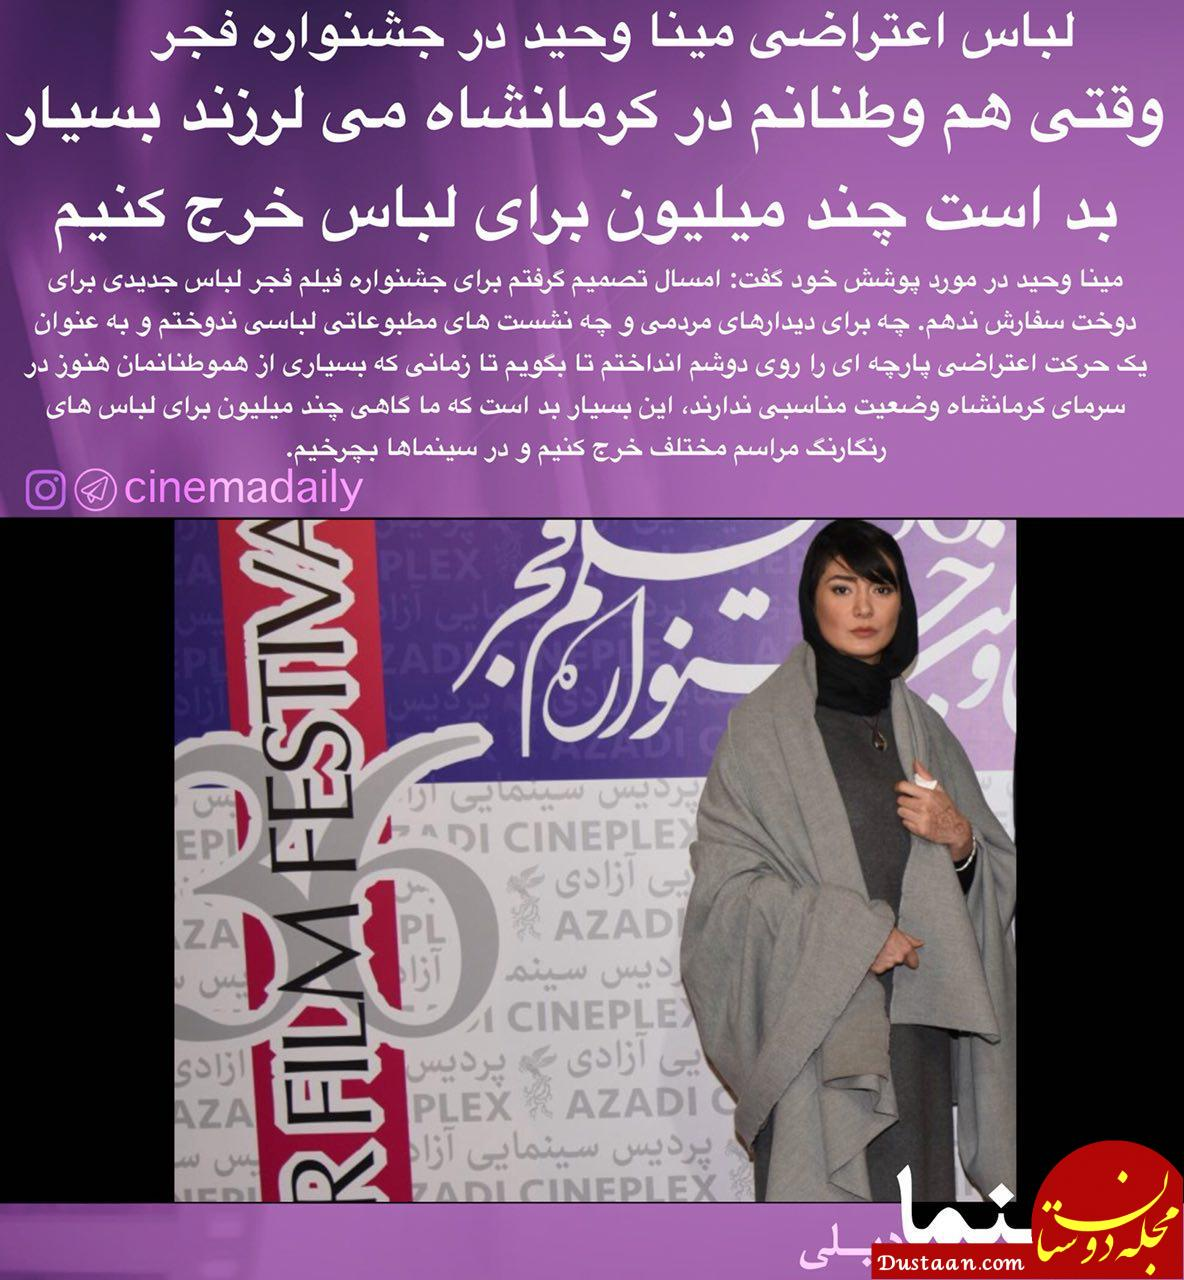 لباس عجیب مینا وحید در جشنواره فیلم فجر! +عکس